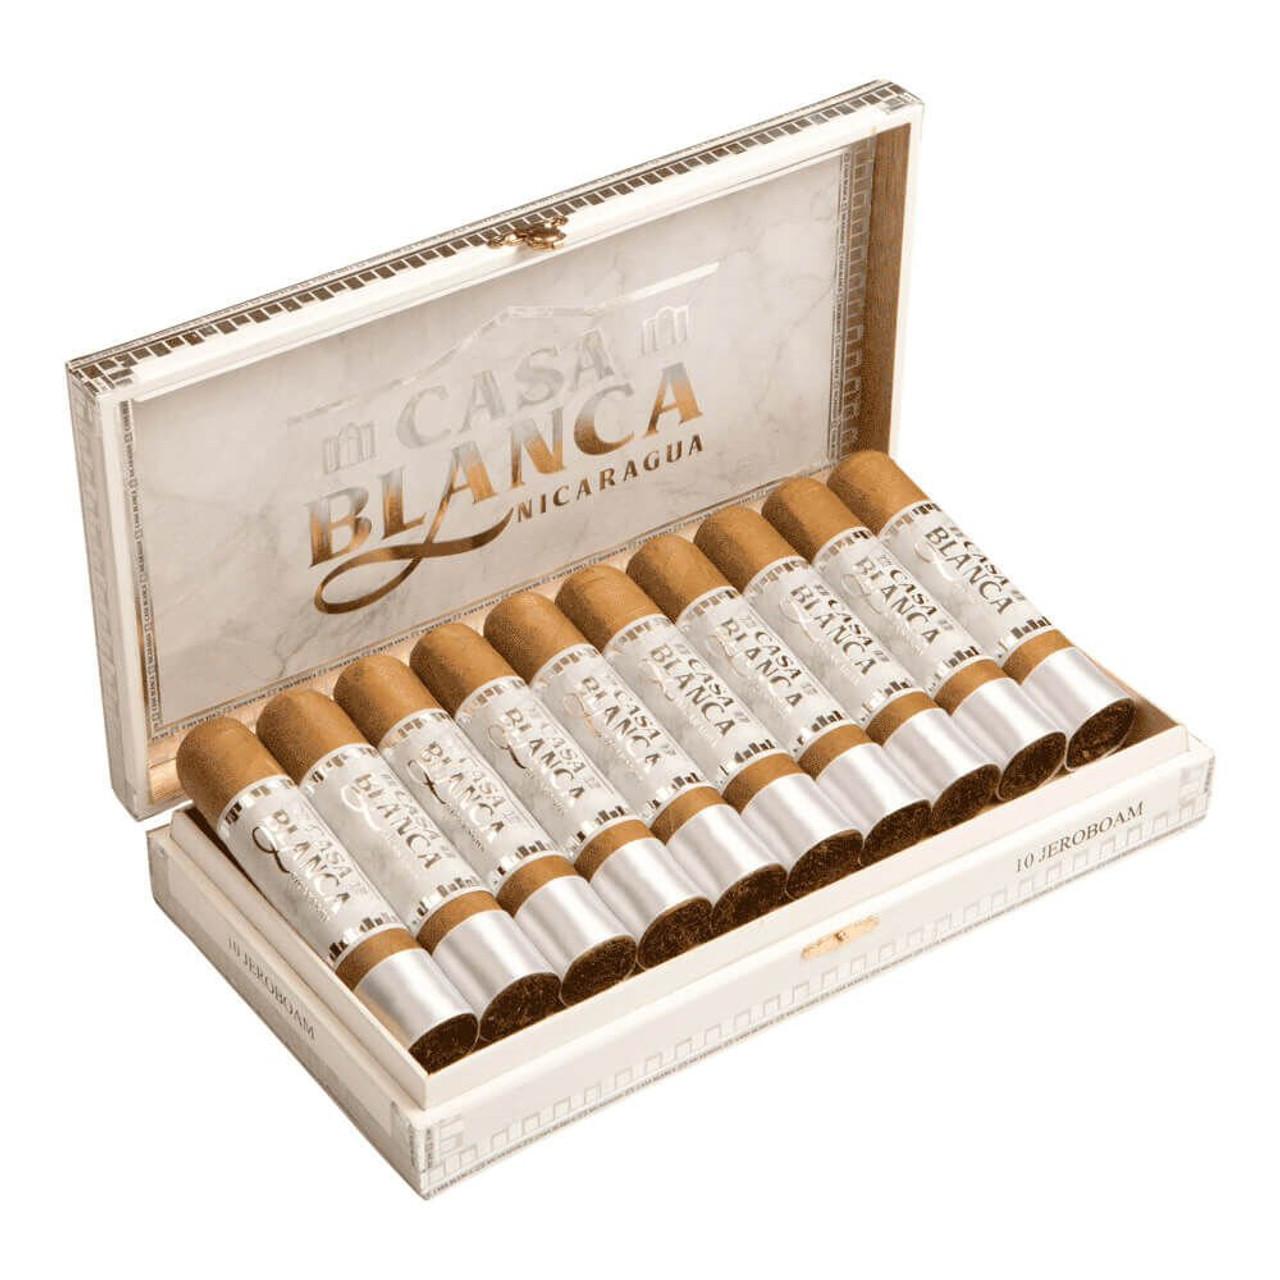 Casa Blanca Nicaragua Robusto Natural Cigars - 5 x 52 (Box of 20)